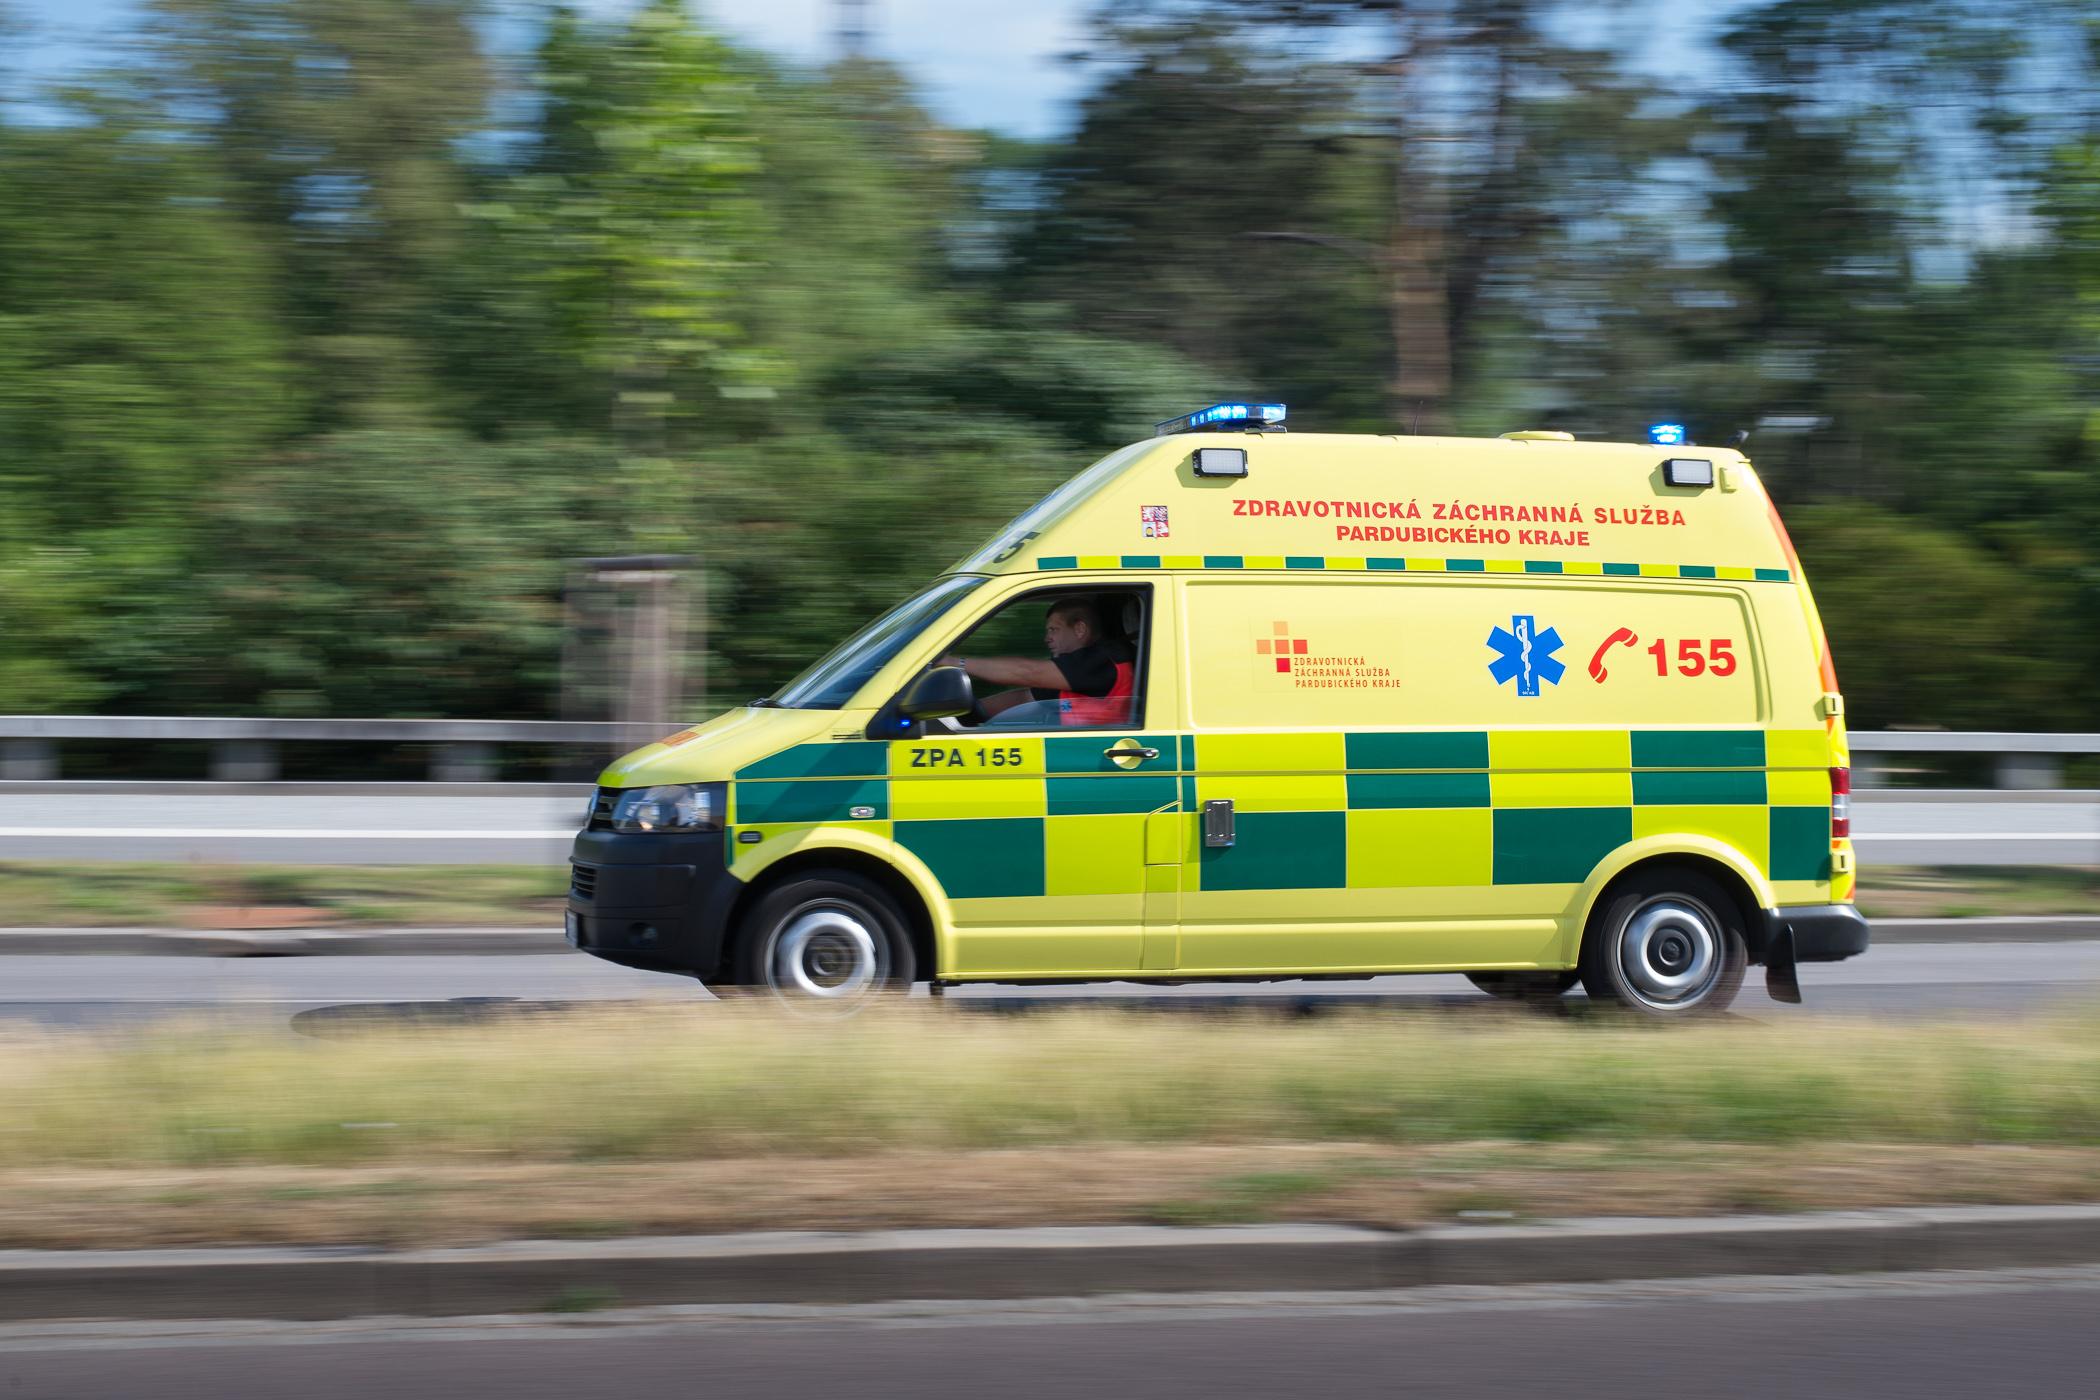 Posádka sanitky spěchá za pacientem